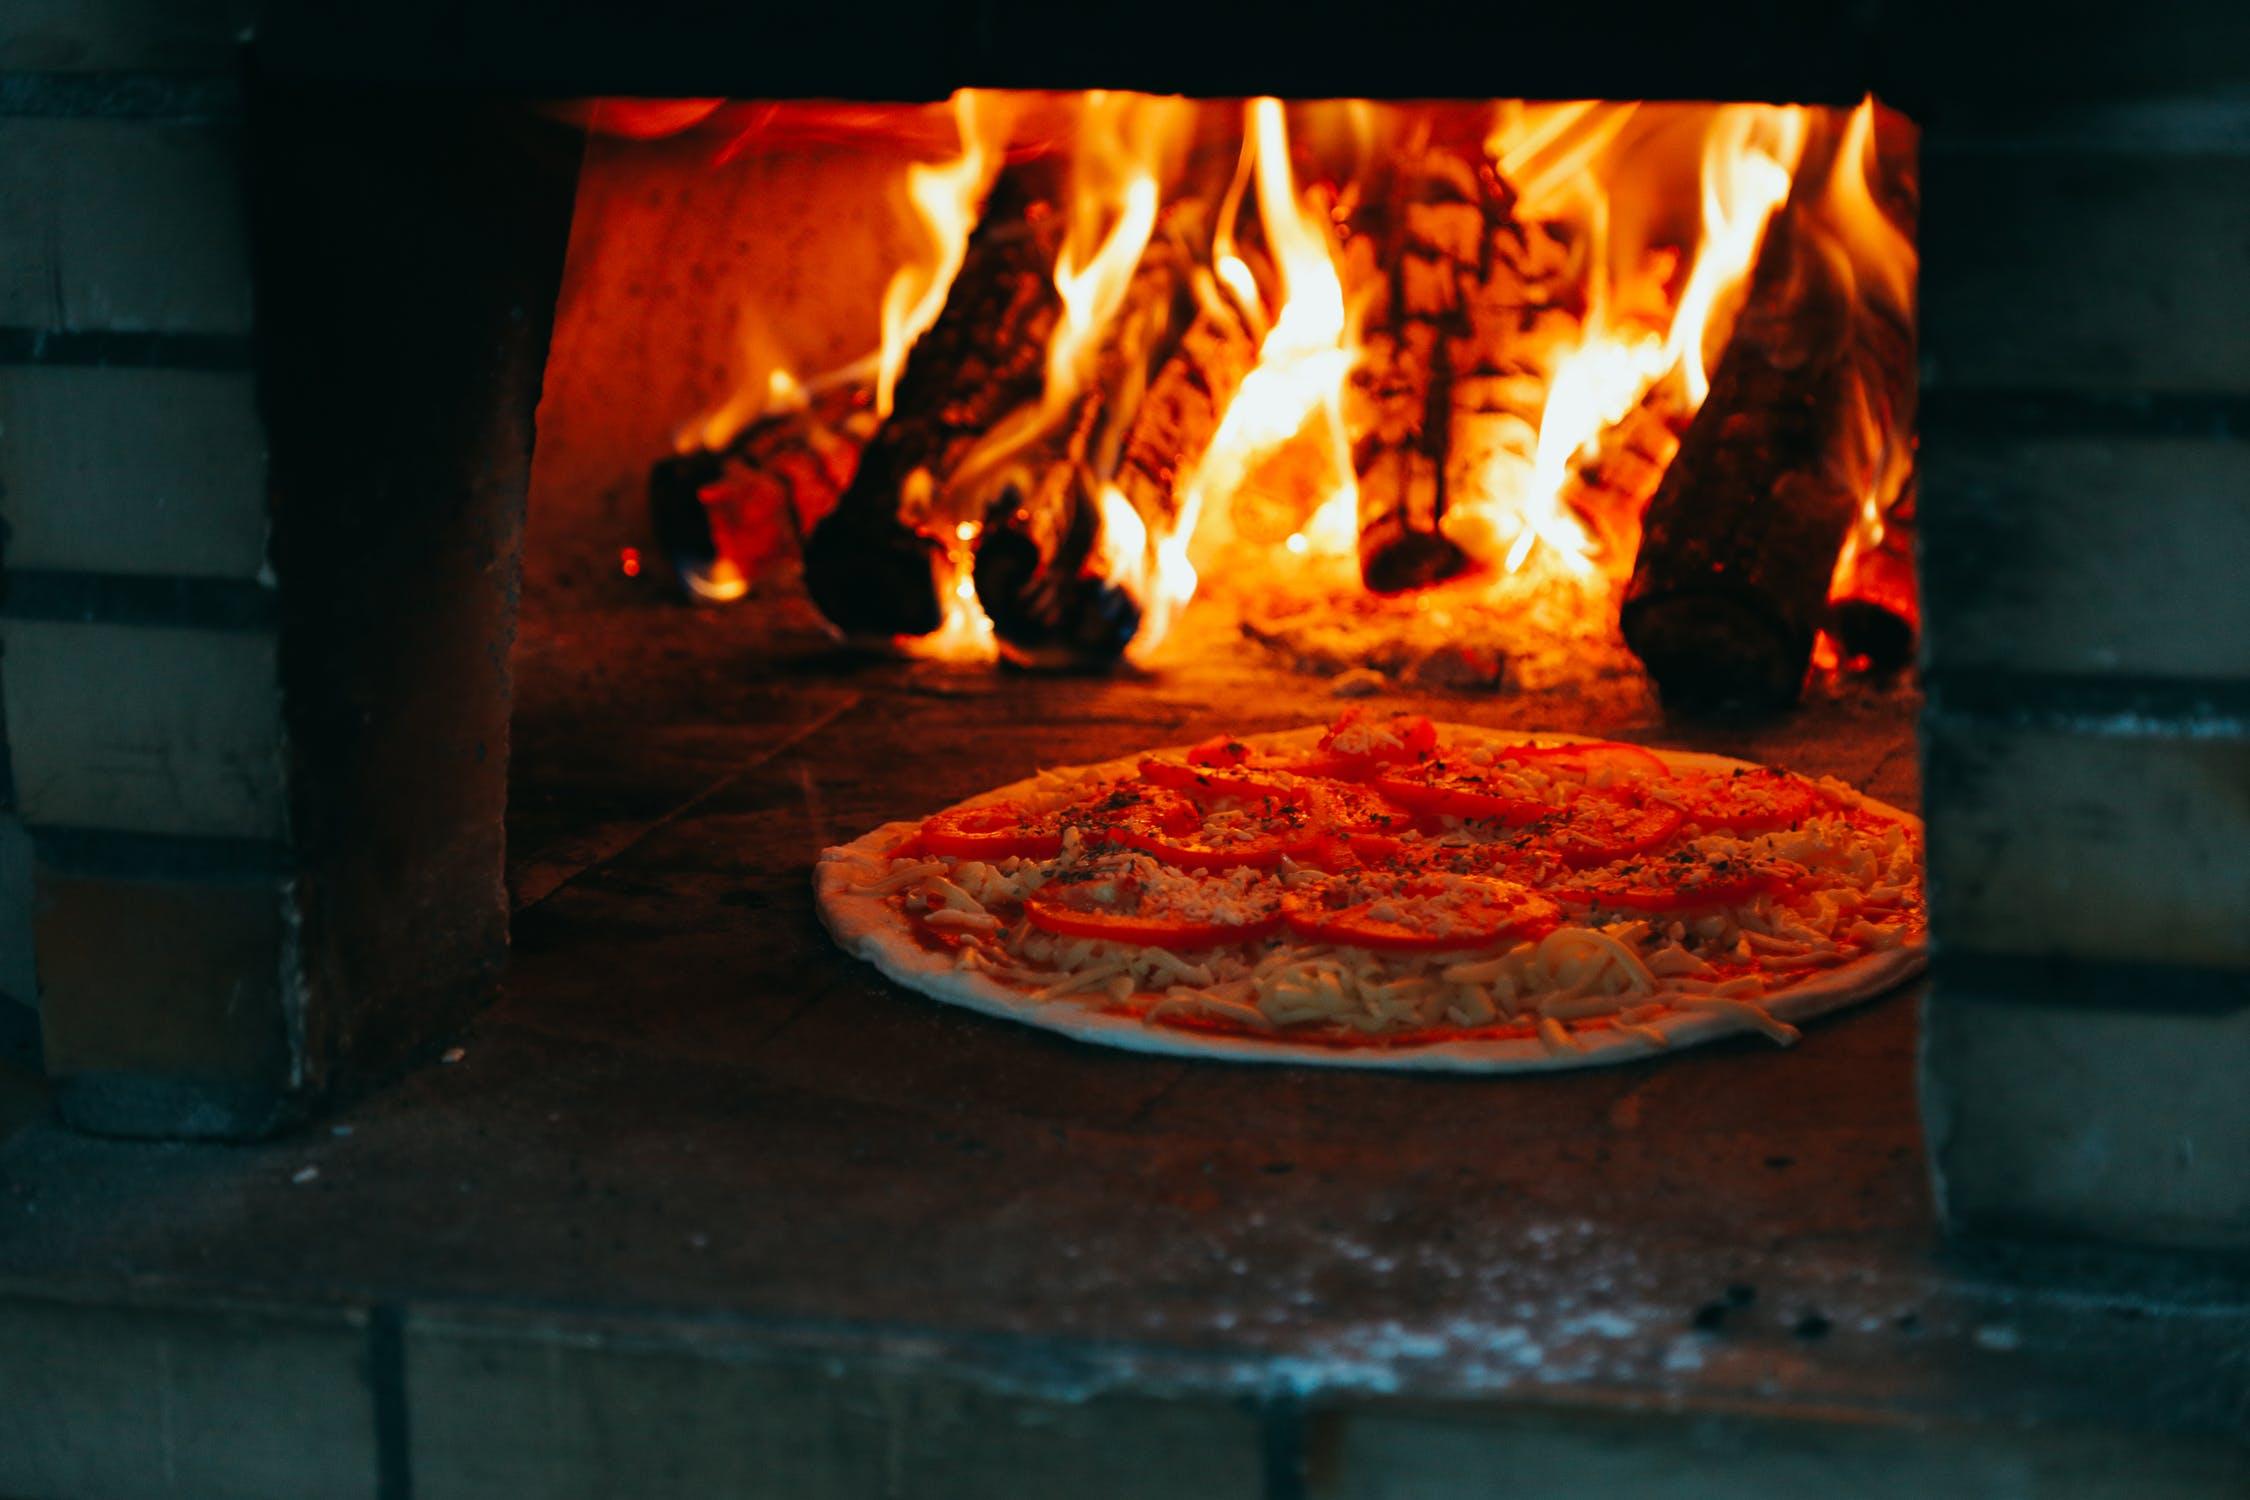 le Restaurant   au Feu de Bois  a fait de sa cheminée son outil de travail principal